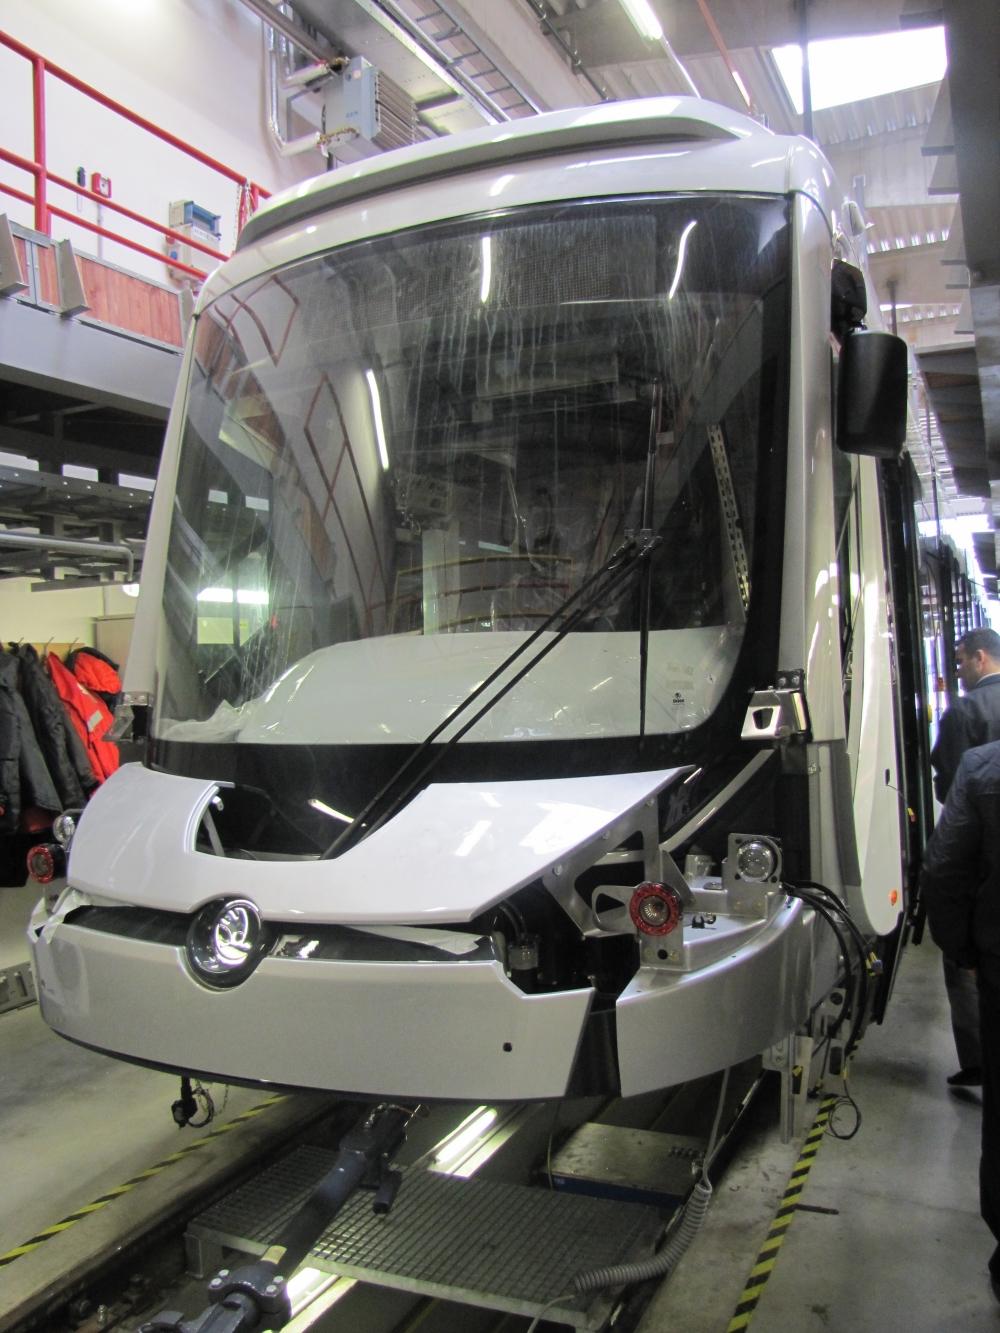 Yeni tramvaylar kalite kontrolünde 20